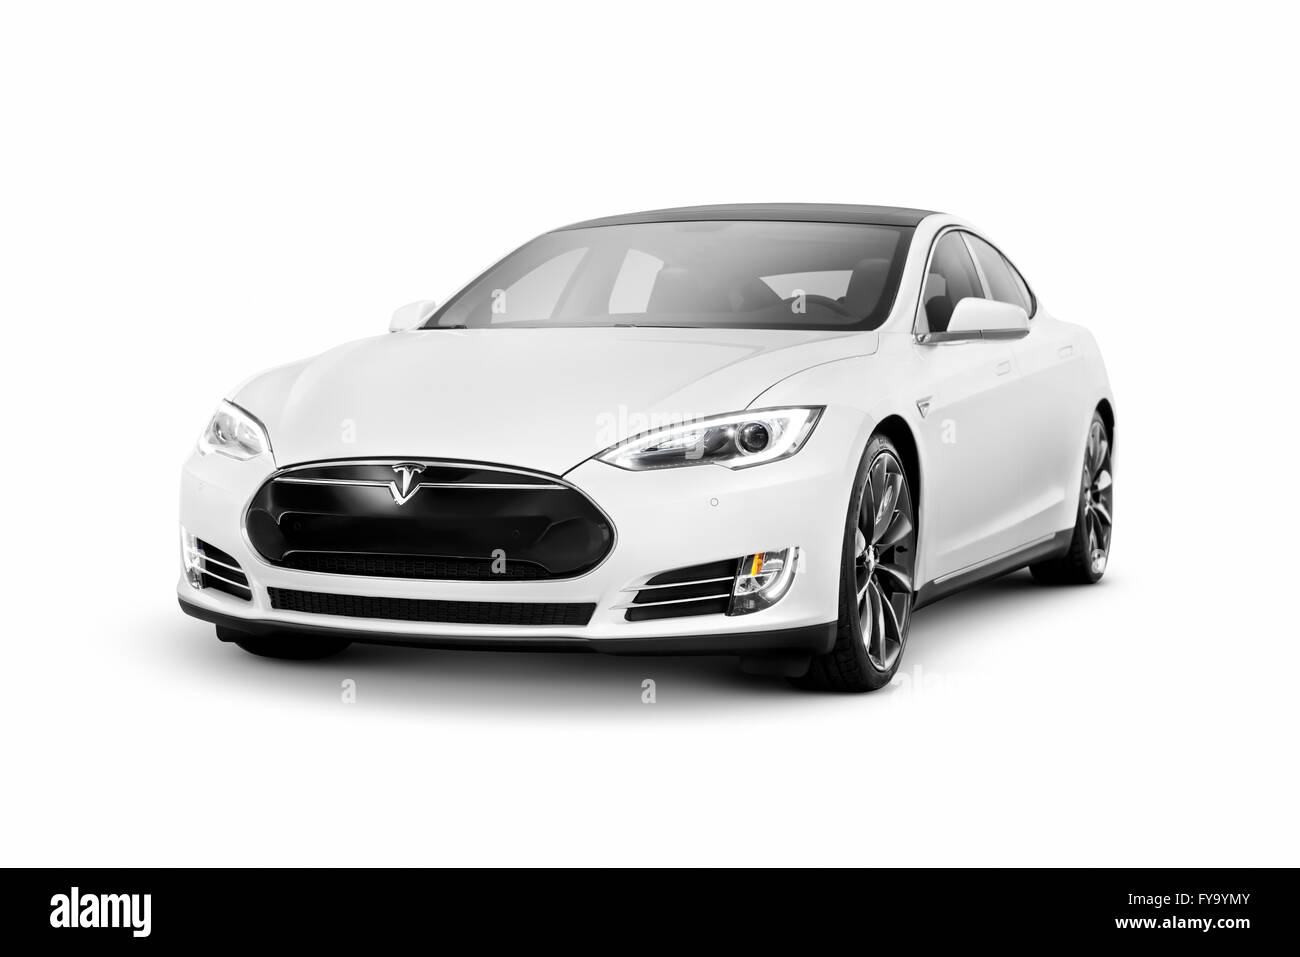 Blanco 2014 Tesla modelo S coche eléctrico de lujo sedán premium Imagen De Stock